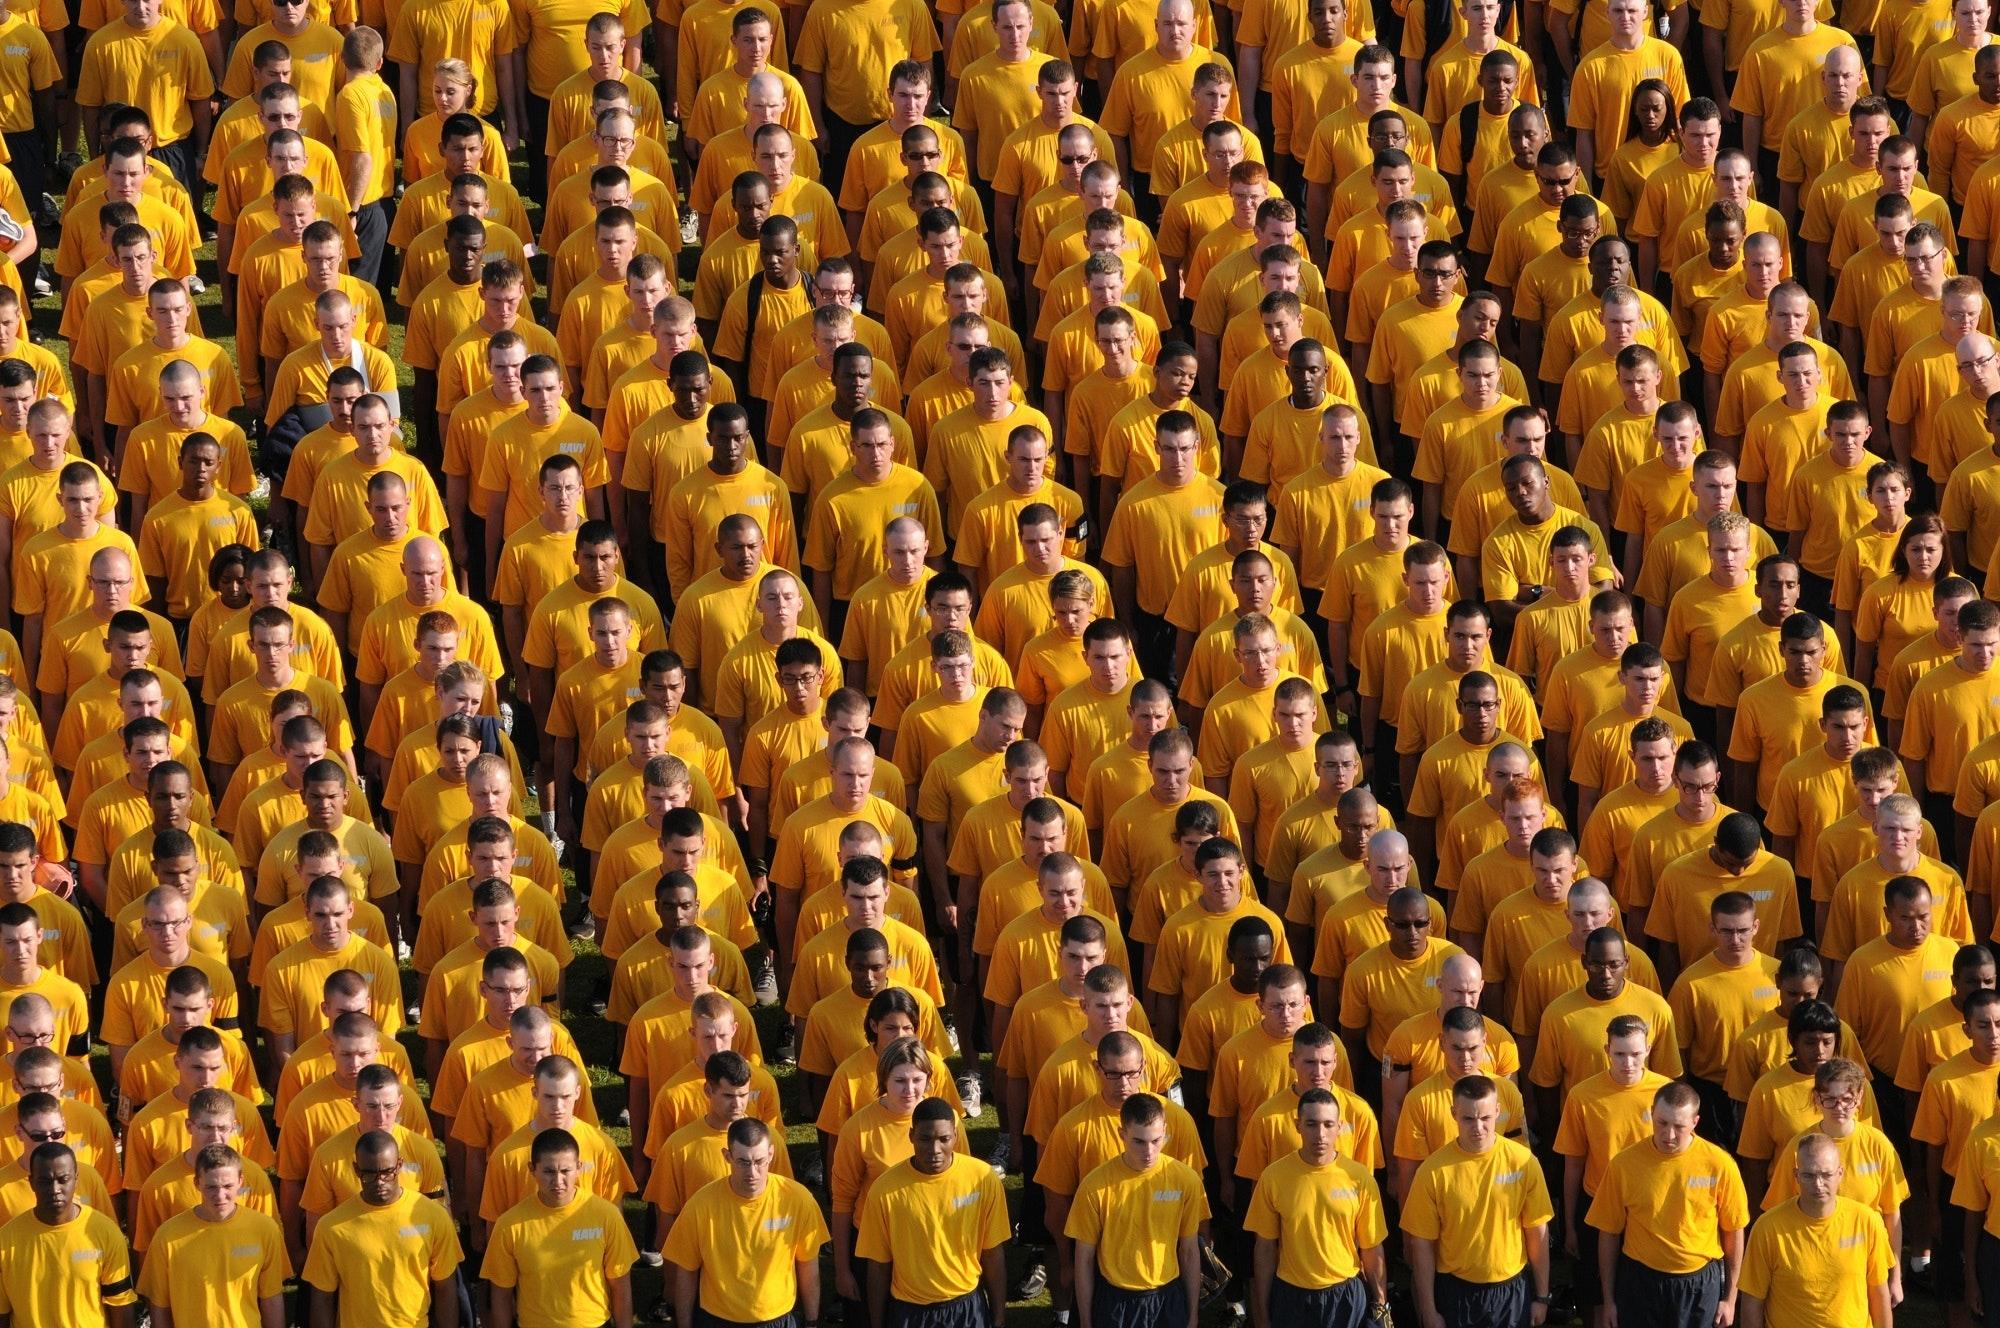 mannen in rijen in geel